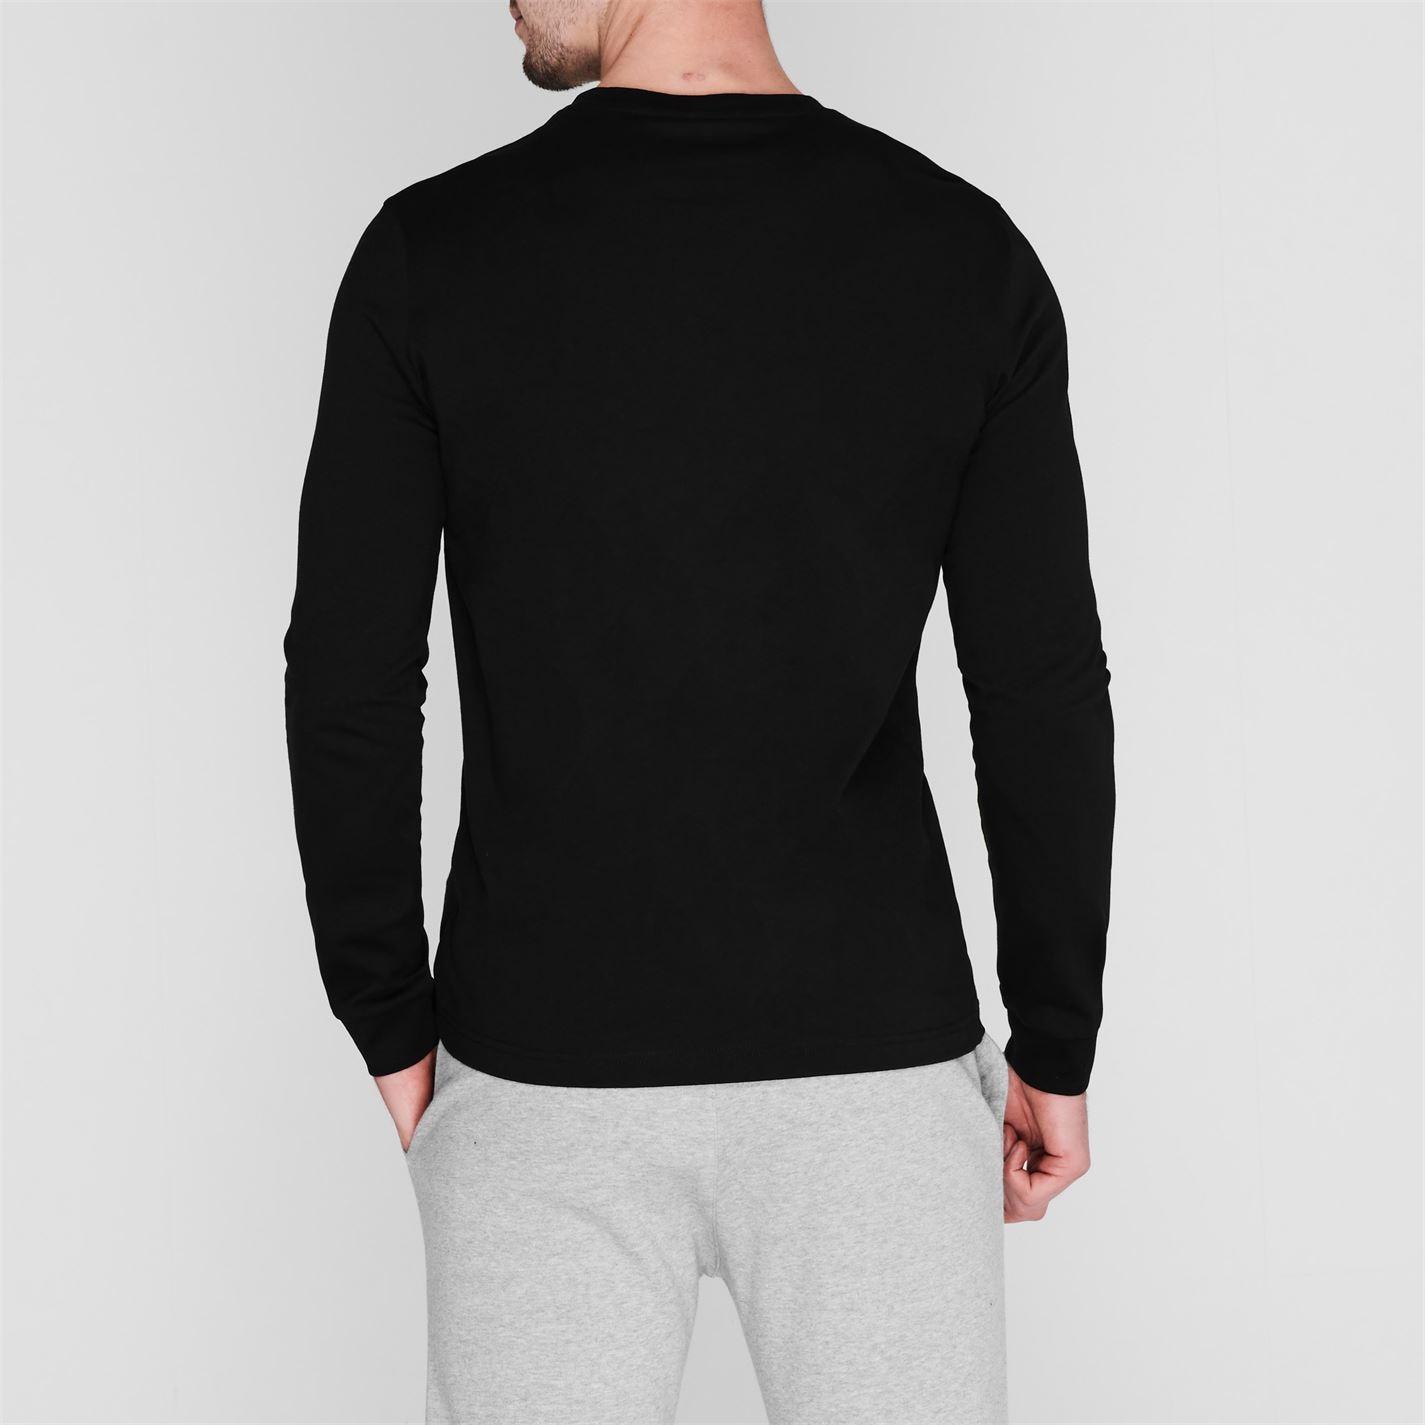 Tricou cu imprimeu Champion Chest negru kk001